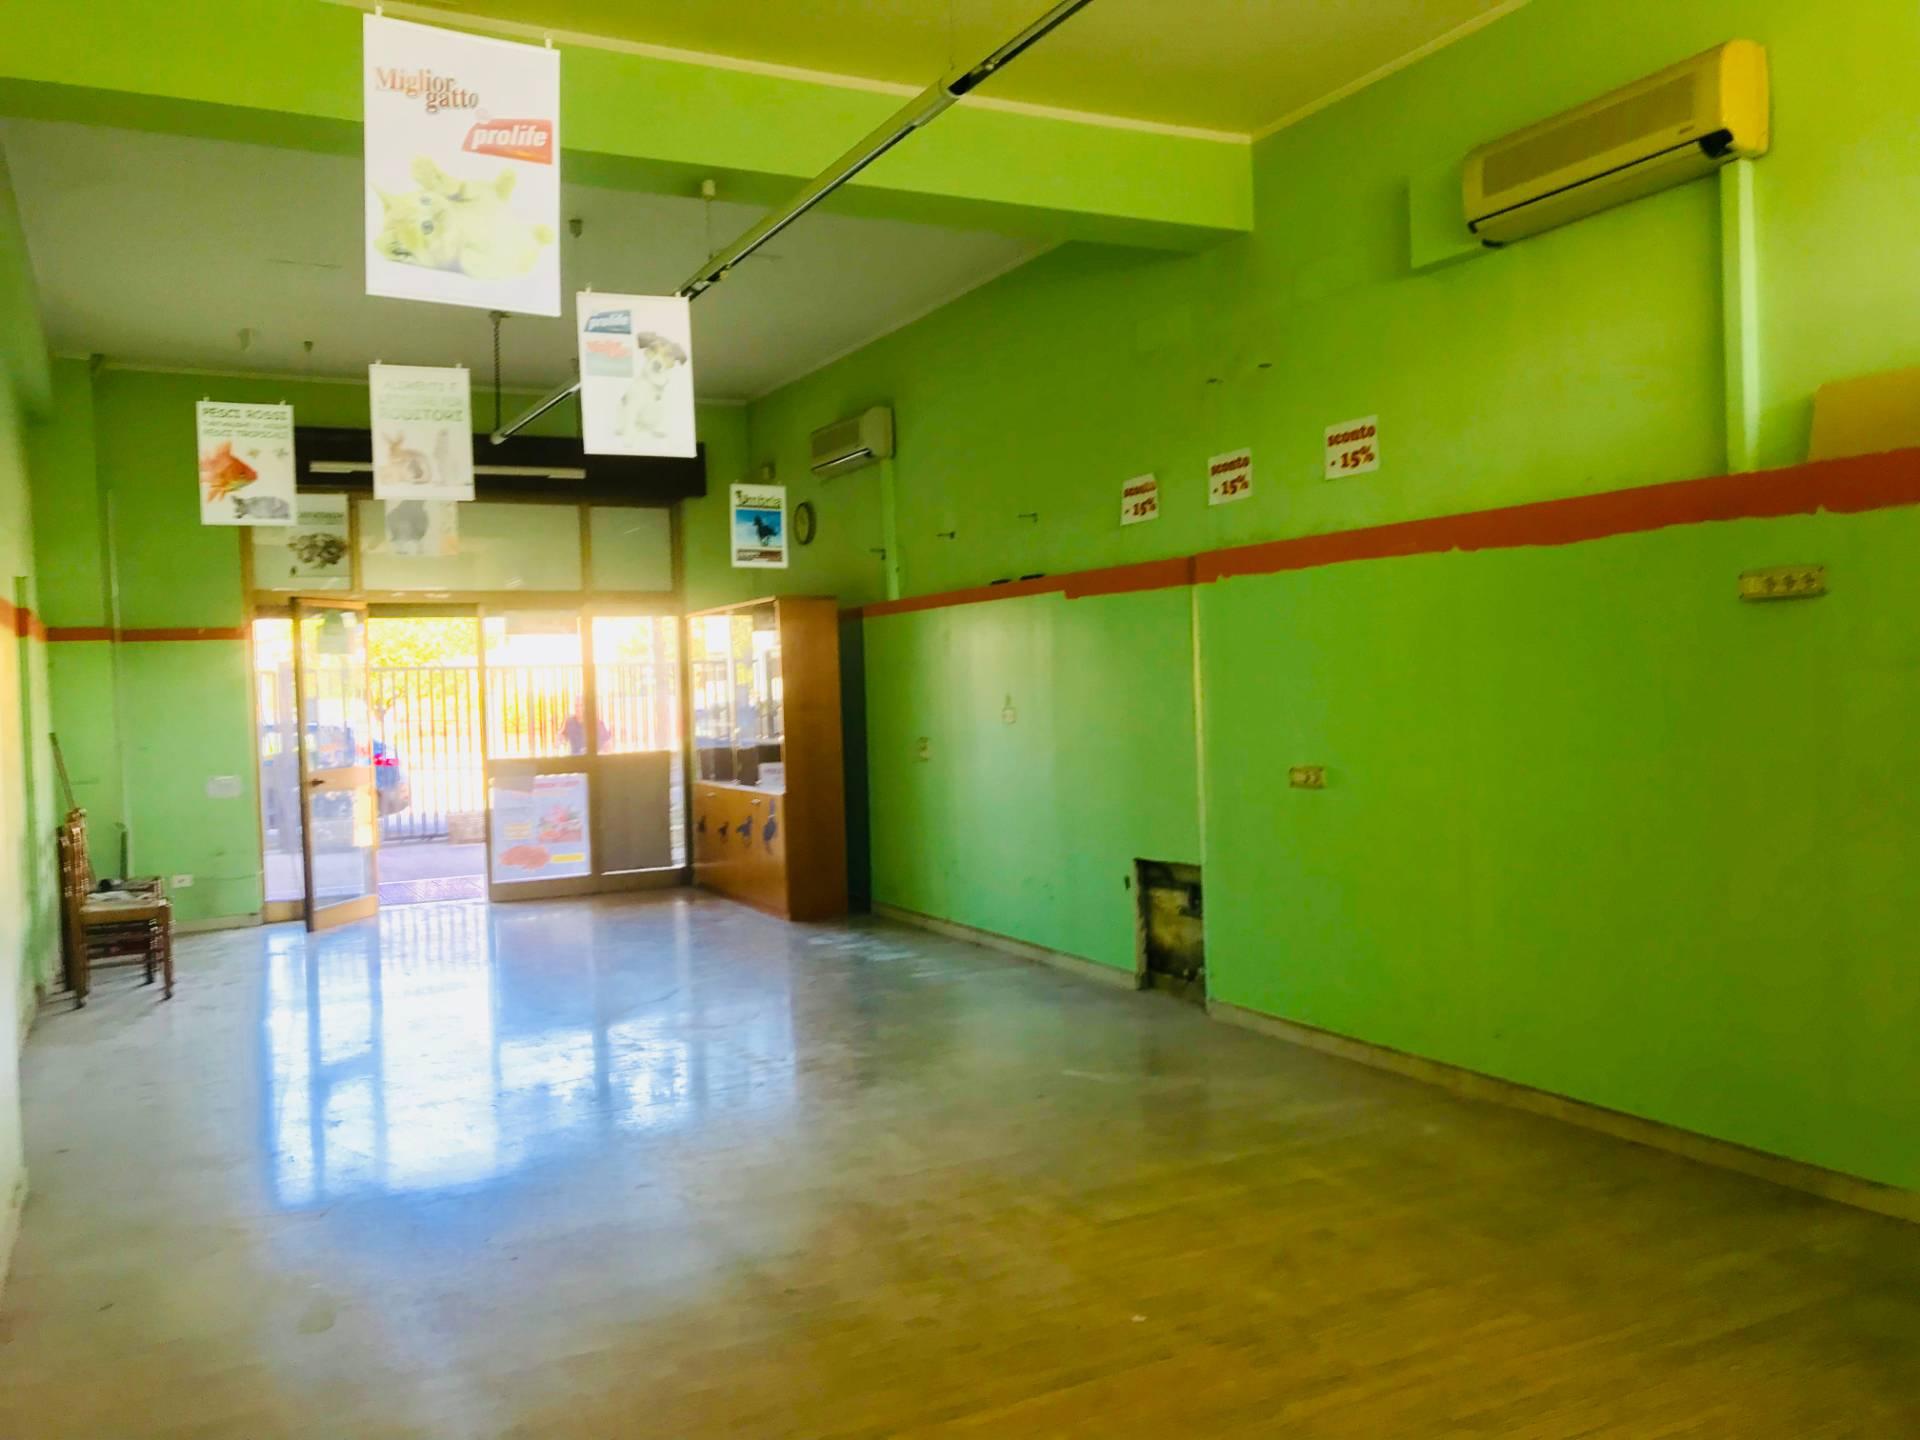 Negozio / Locale in affitto a Sora, 9999 locali, prezzo € 800 | CambioCasa.it